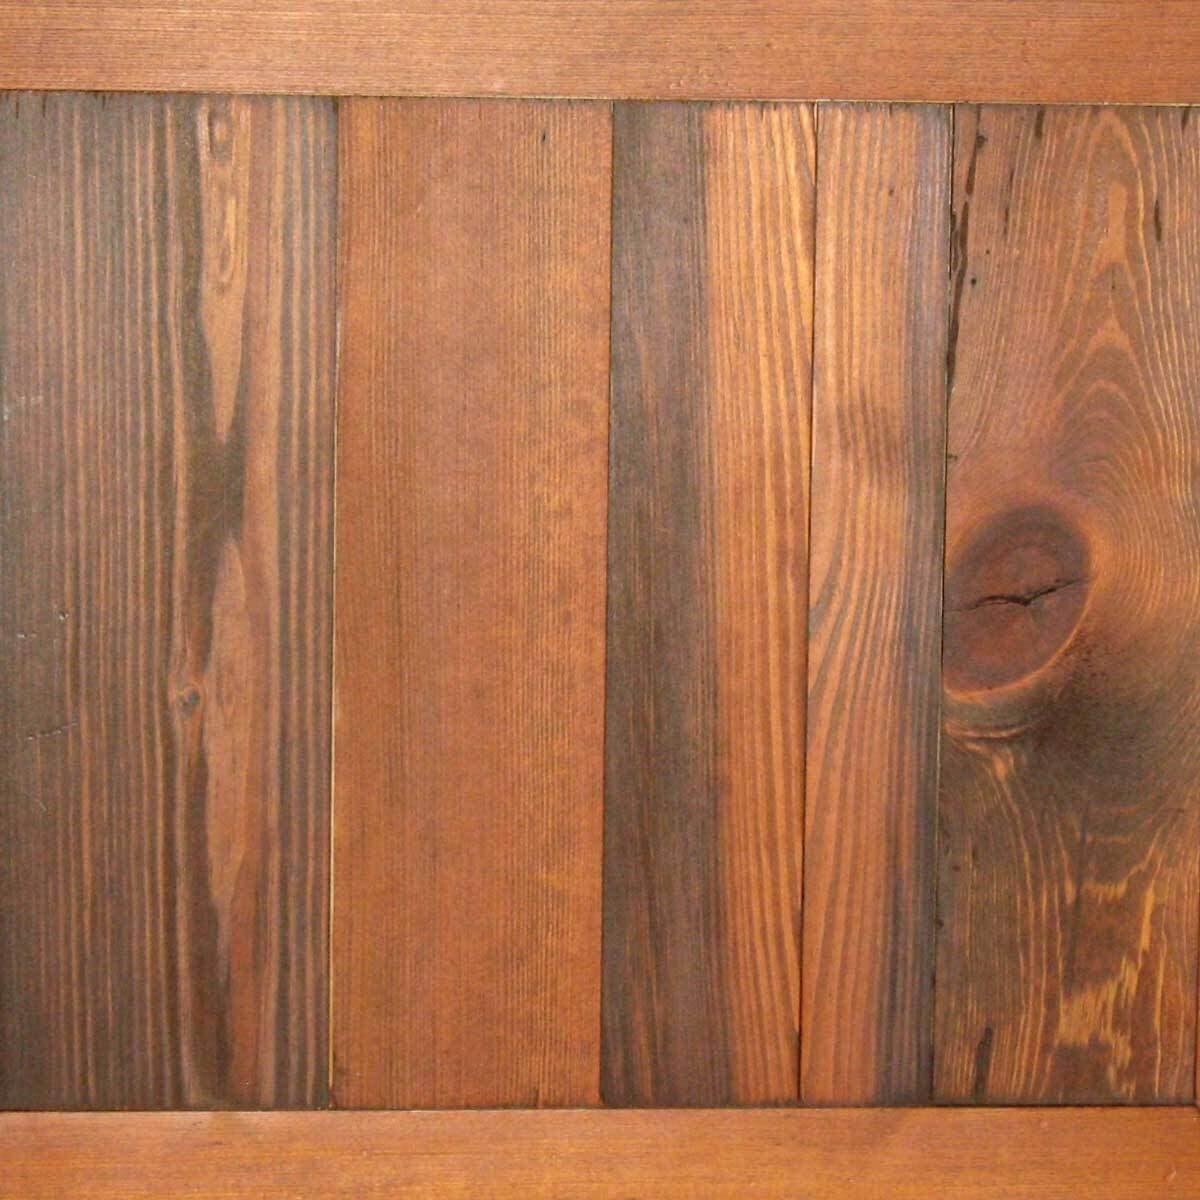 Rhode Island Brown Cabin Grade Heart Pine wood finish.